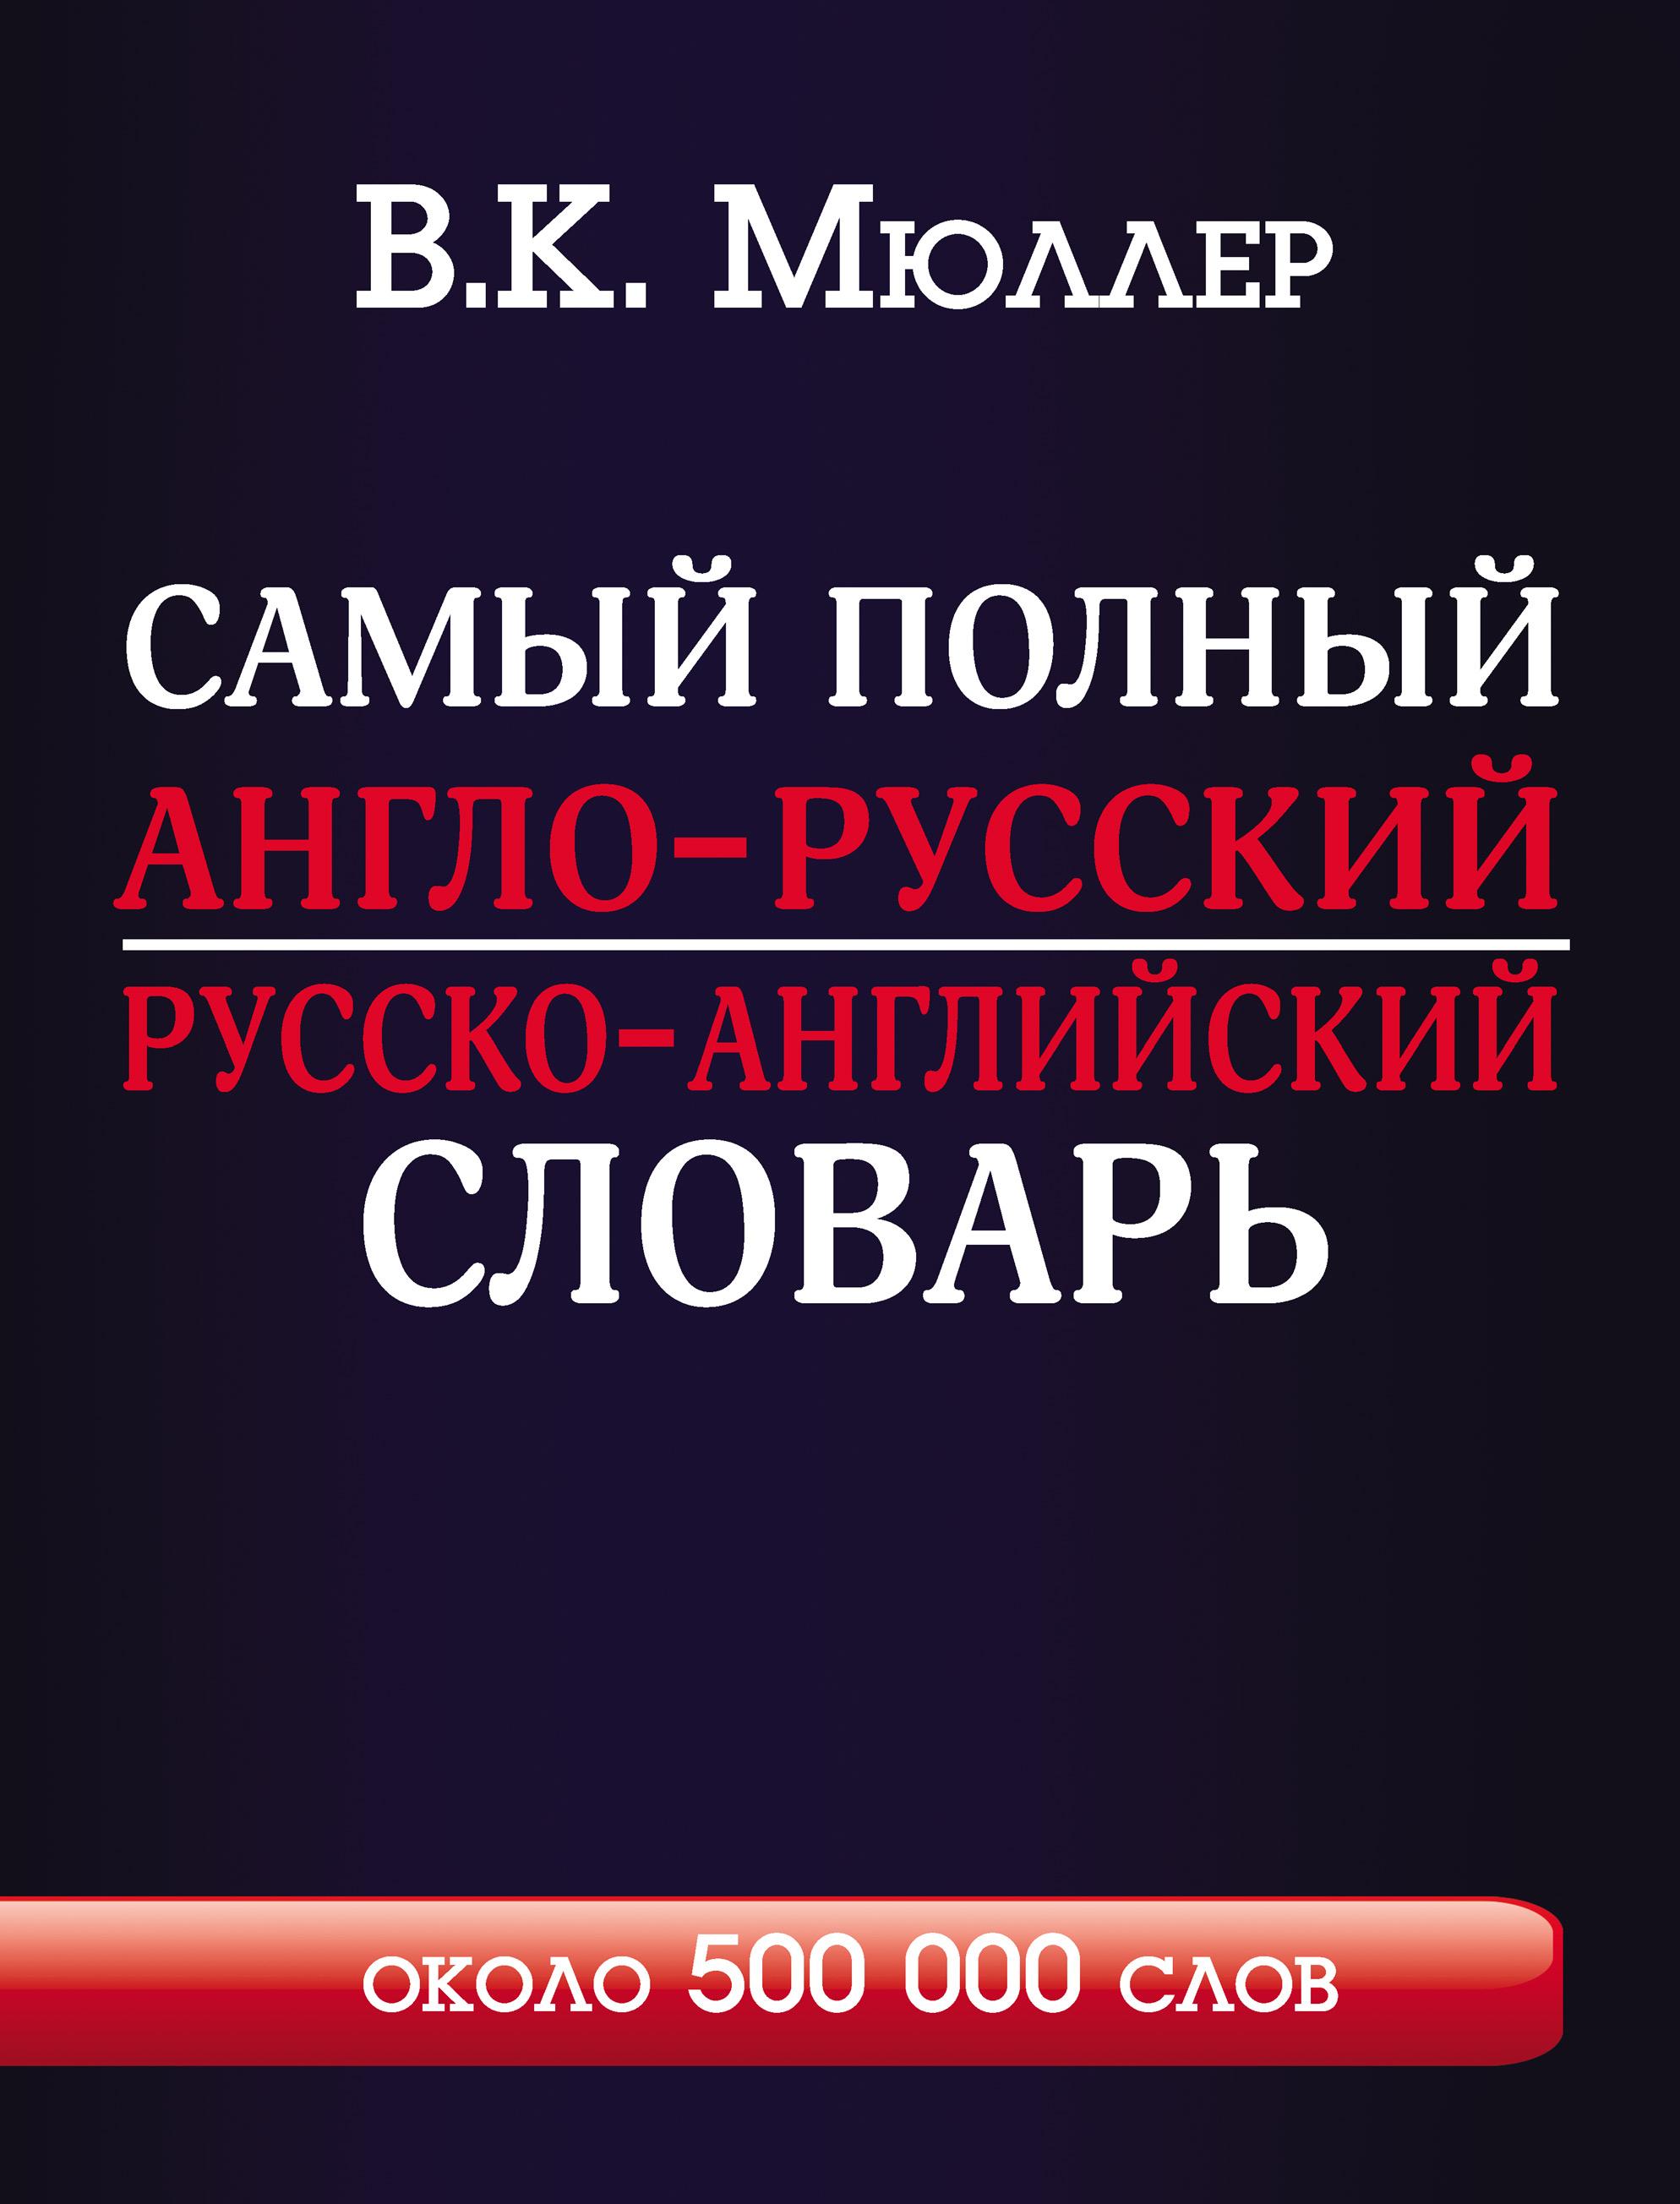 В. К. Мюллер Самый полный англо-русский русско-английский словарь с современной транскрипцией. Около 500 000 слов мюллер в к новый англо русский словарь с современной транскрипцией